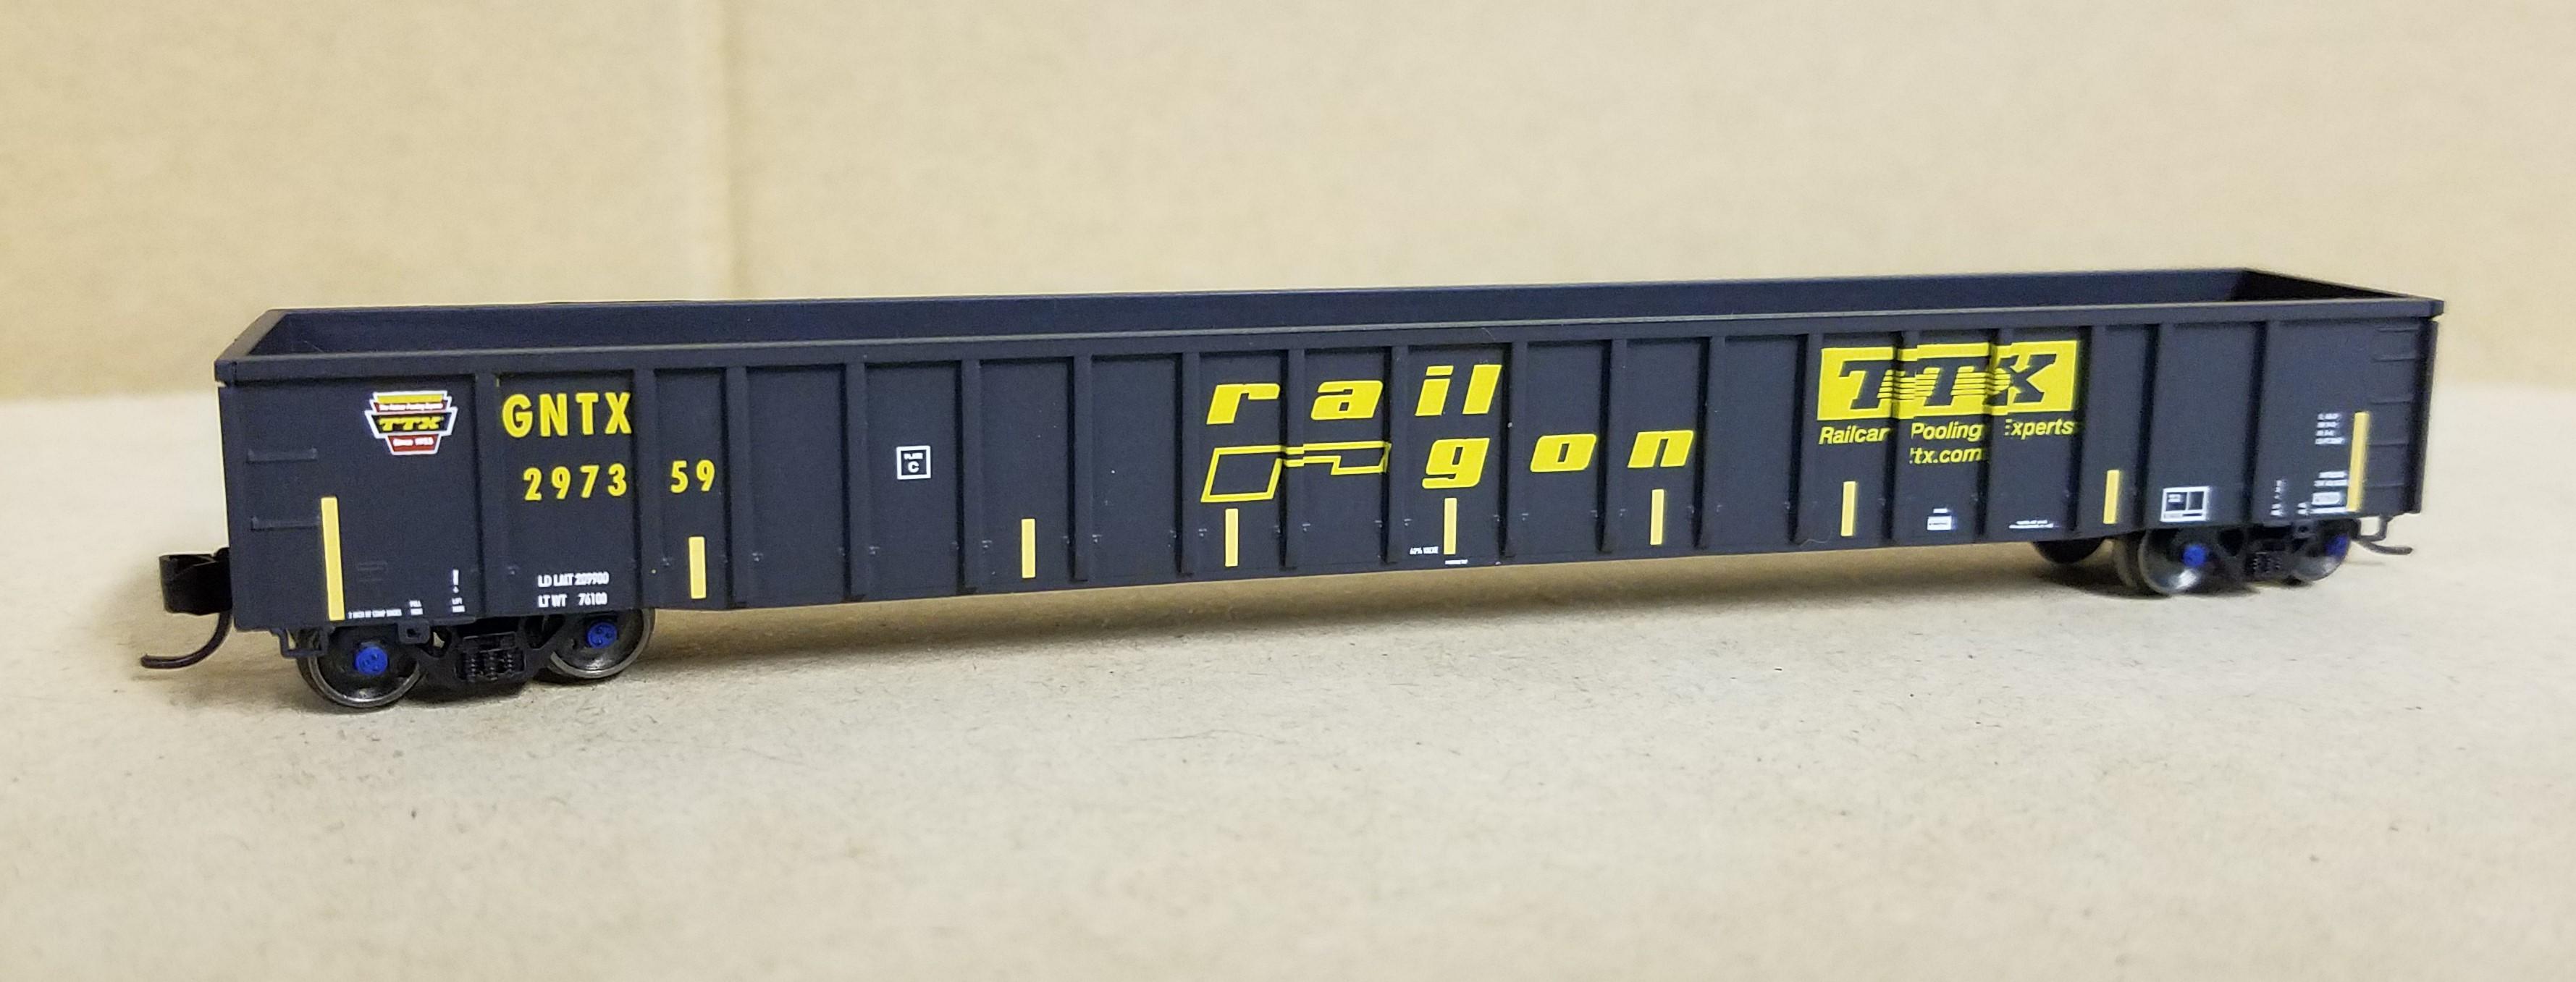 N Scale - ExactRail - EN-51104-9 - Gondola, 65 Foot, Mill - Trailer Train - 297359